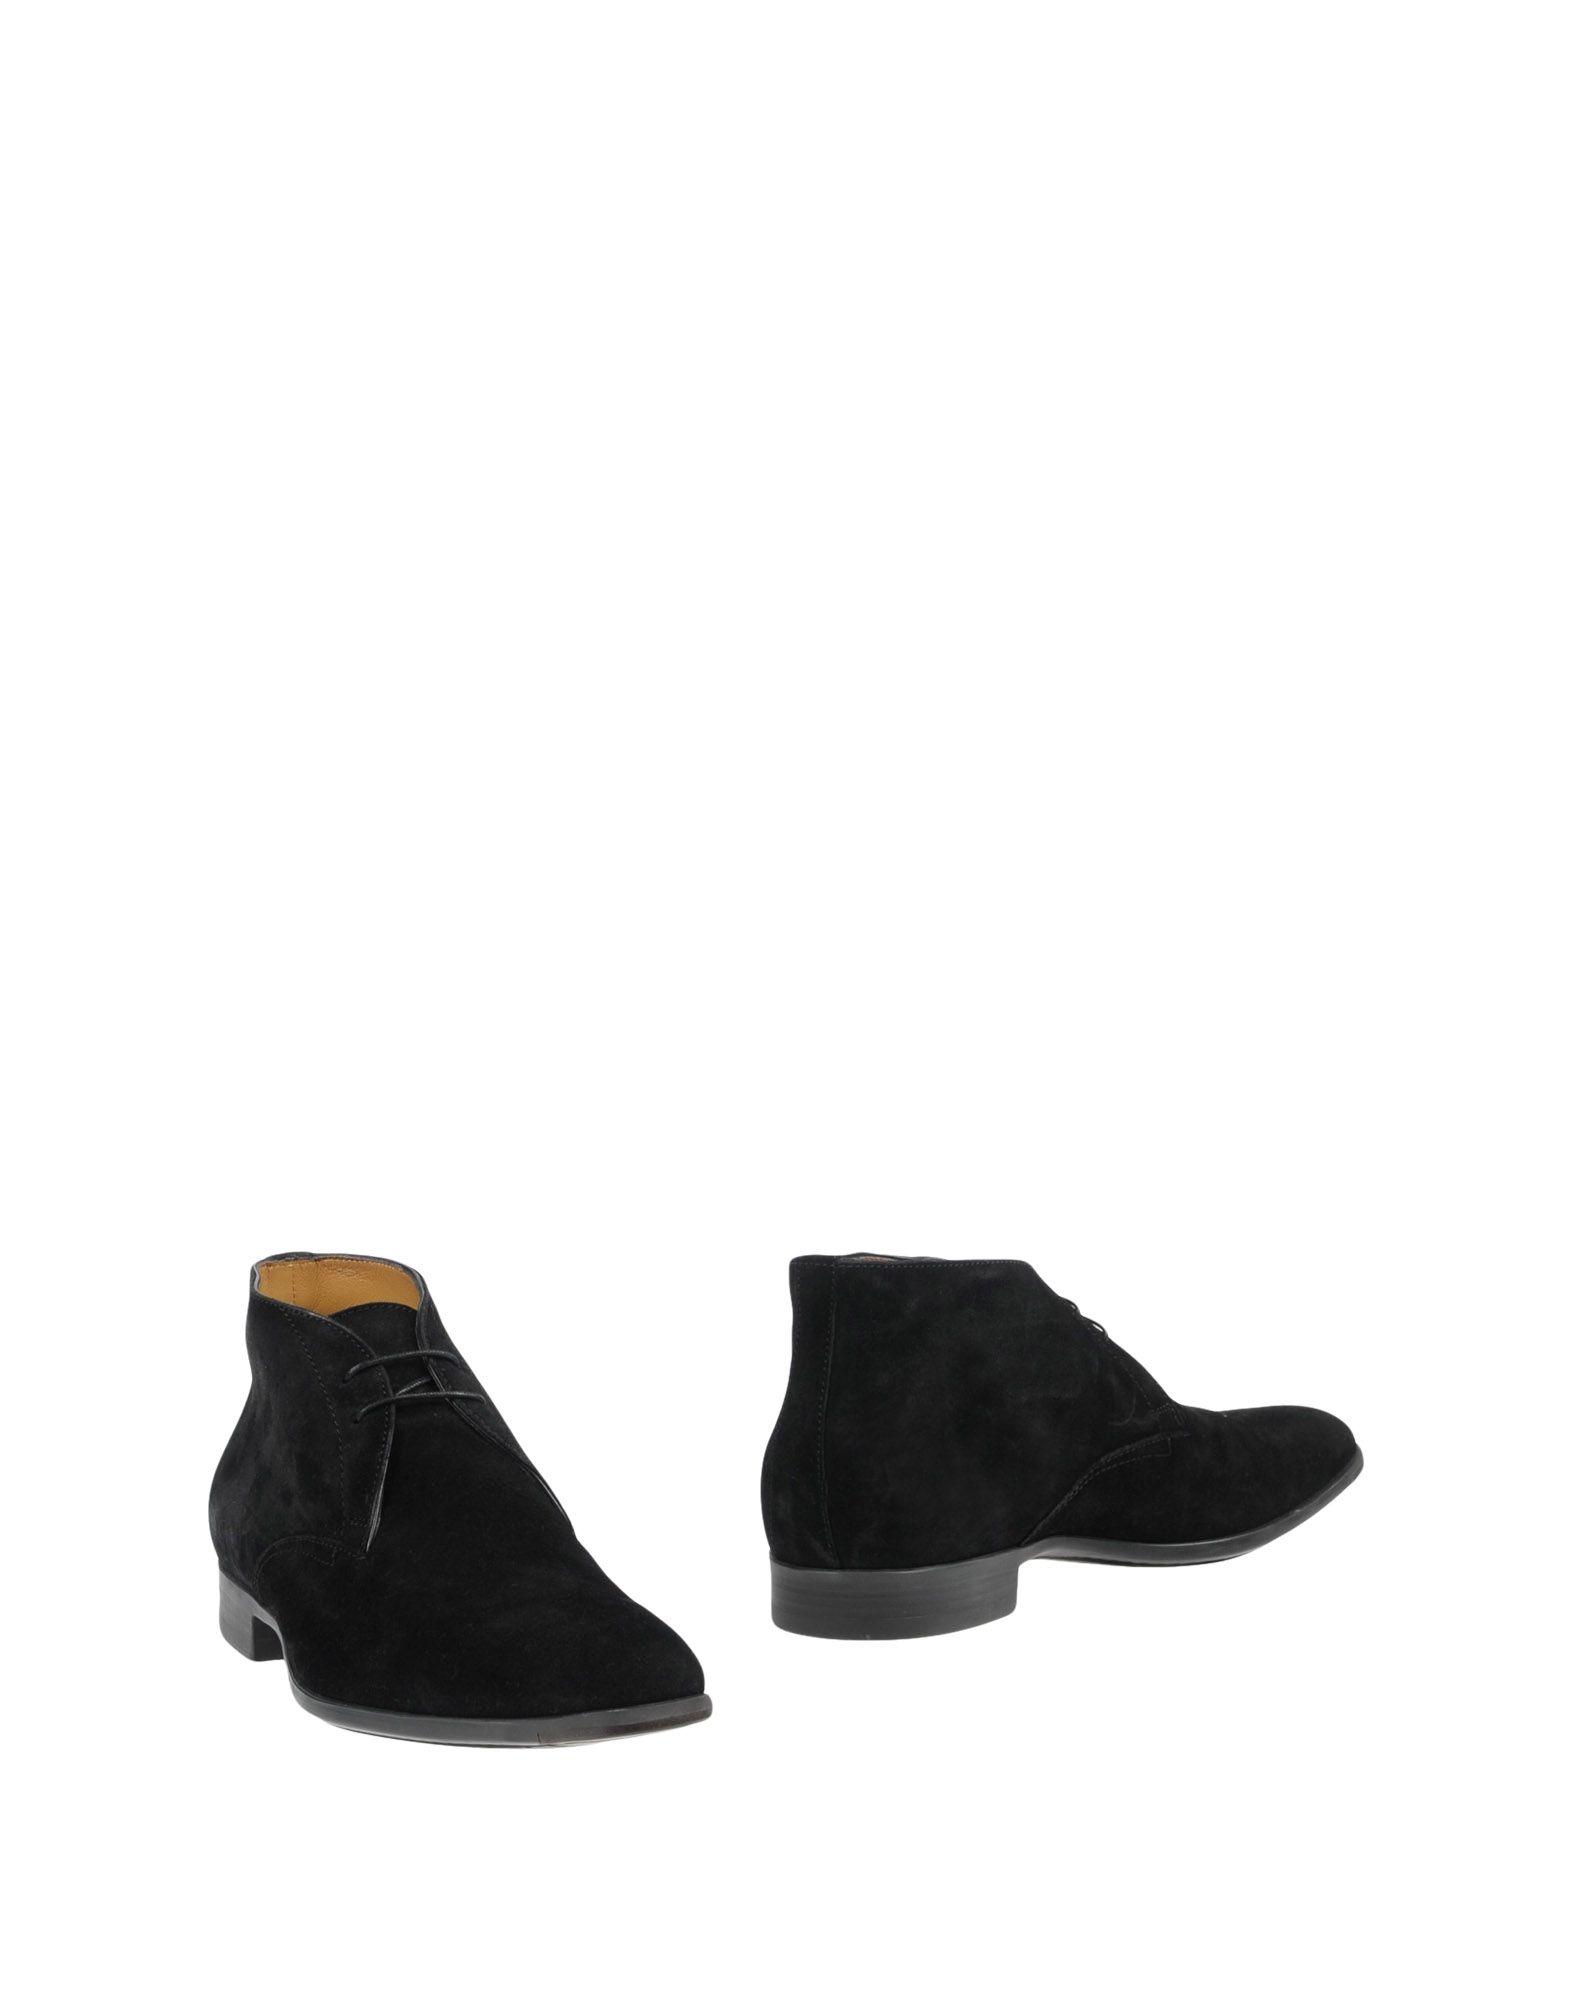 Santoni Stiefelette Herren  11418936CX Gute Qualität beliebte Schuhe